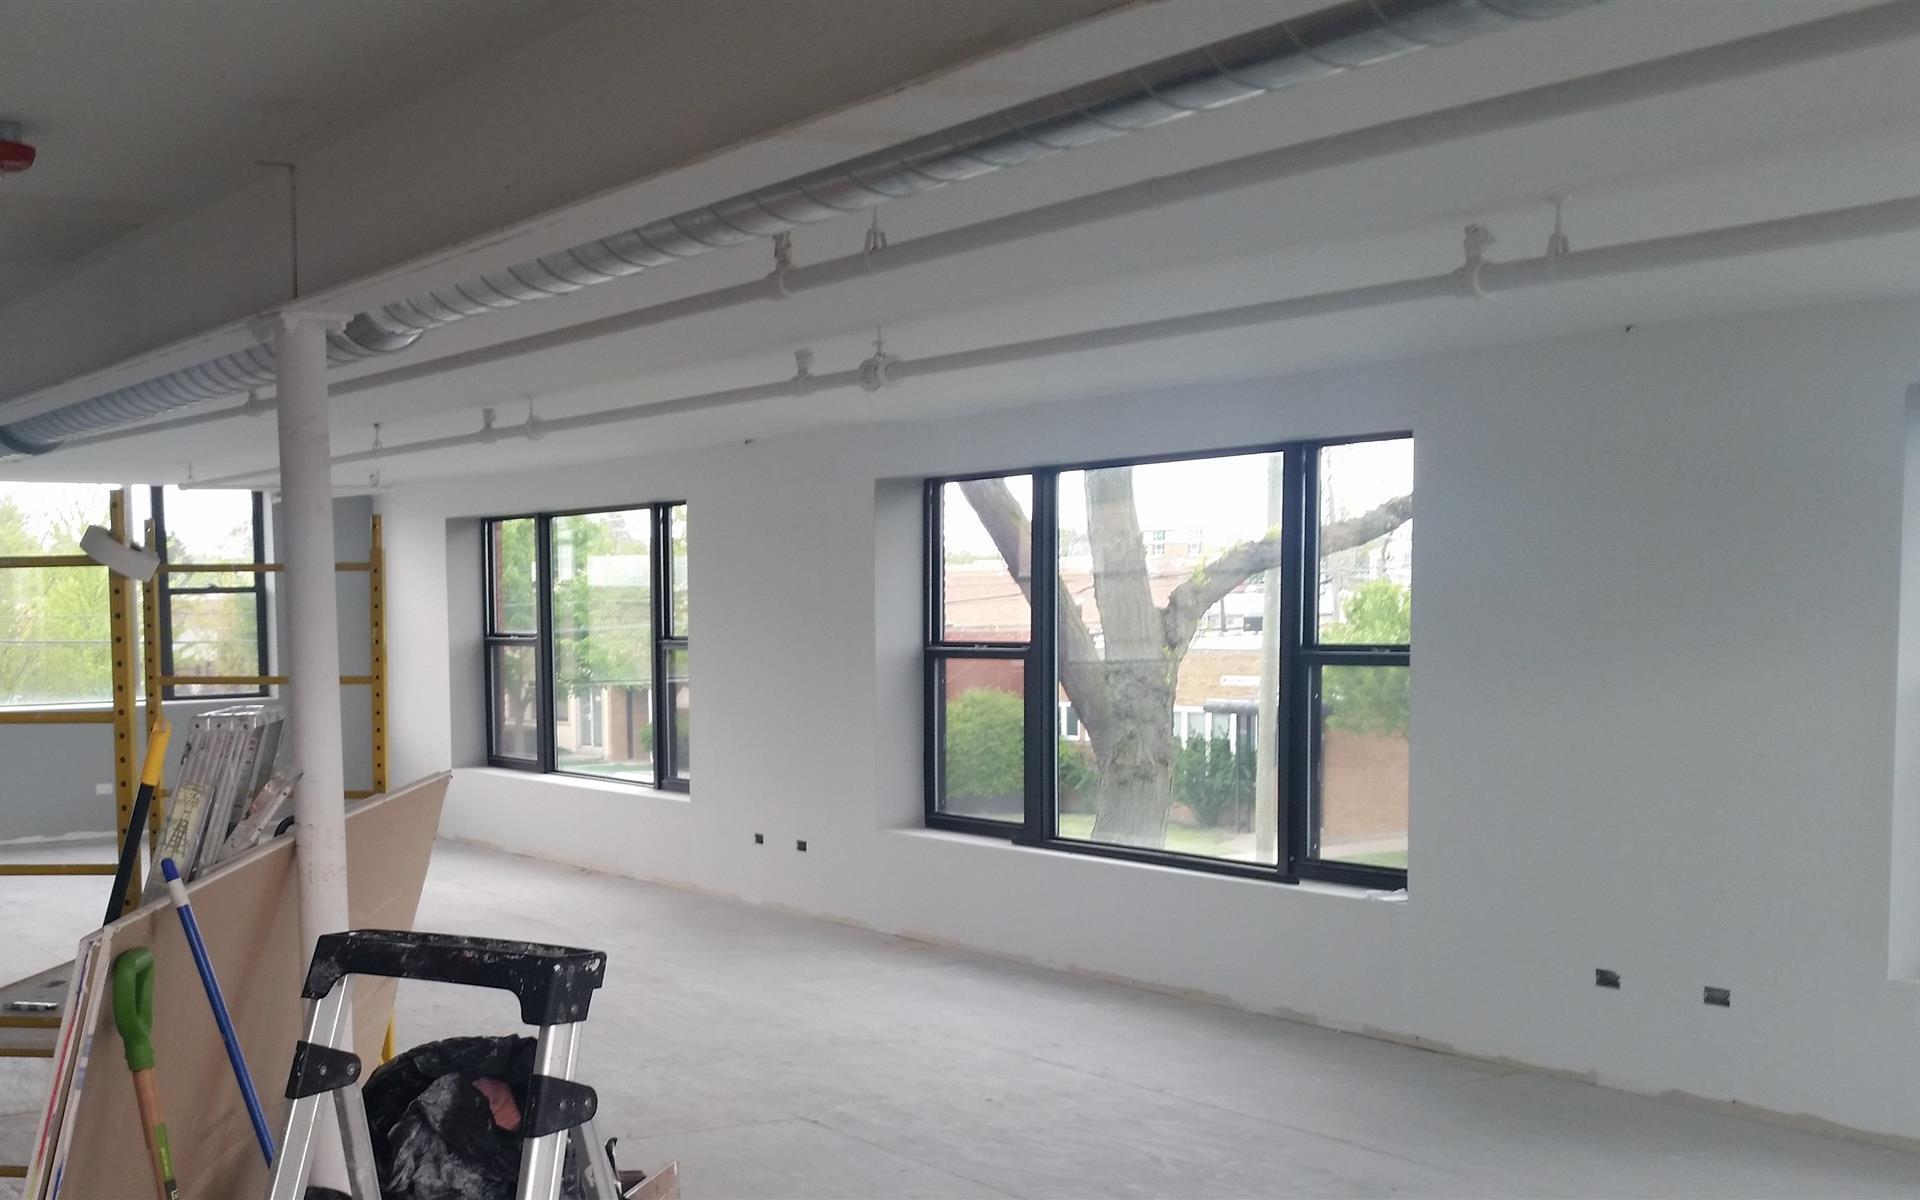 8042-8052 monticello - Suite 205